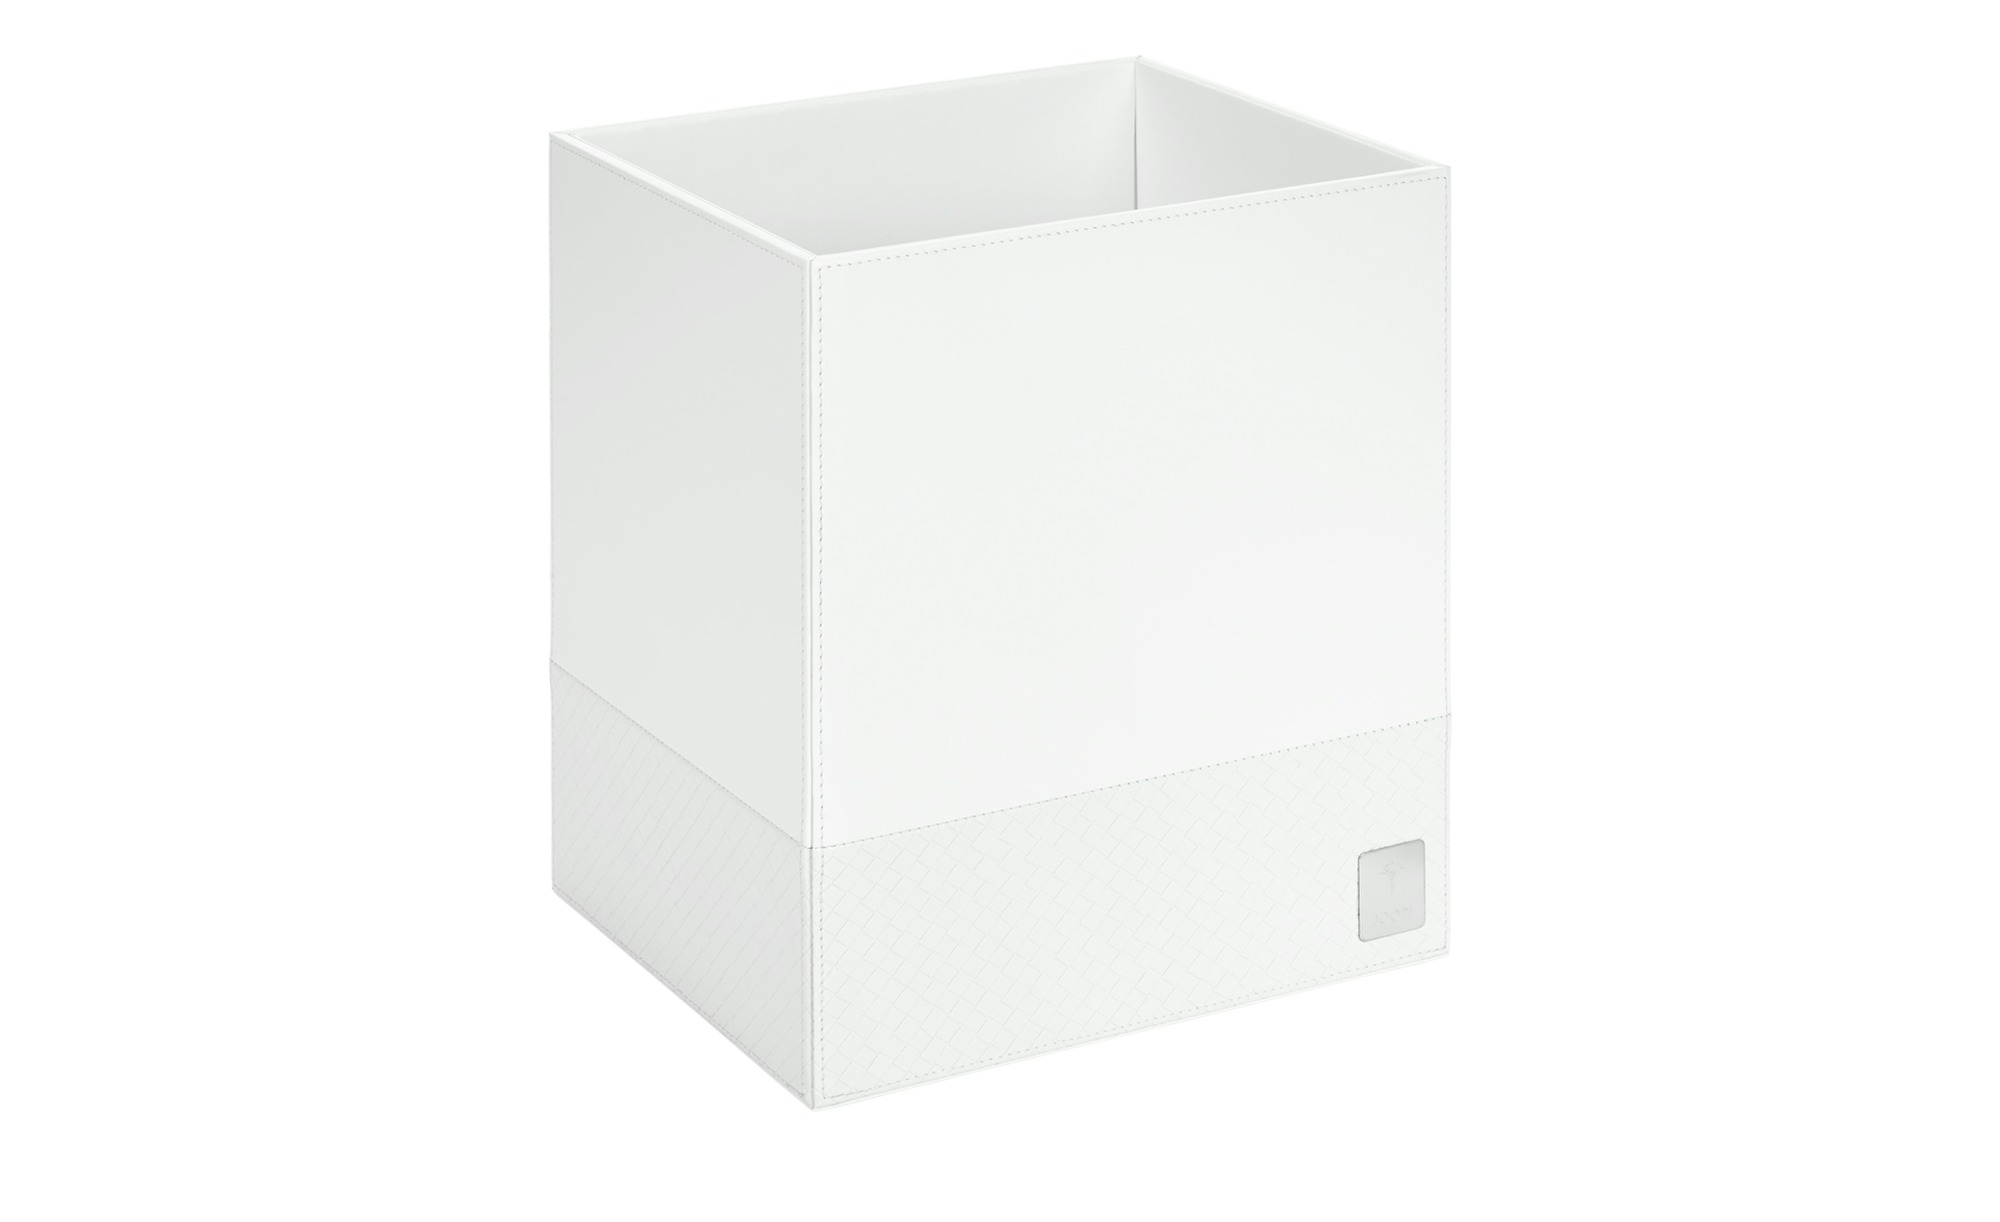 Papierkorb - gut gerüstet mit dem Aufräumen beginnen